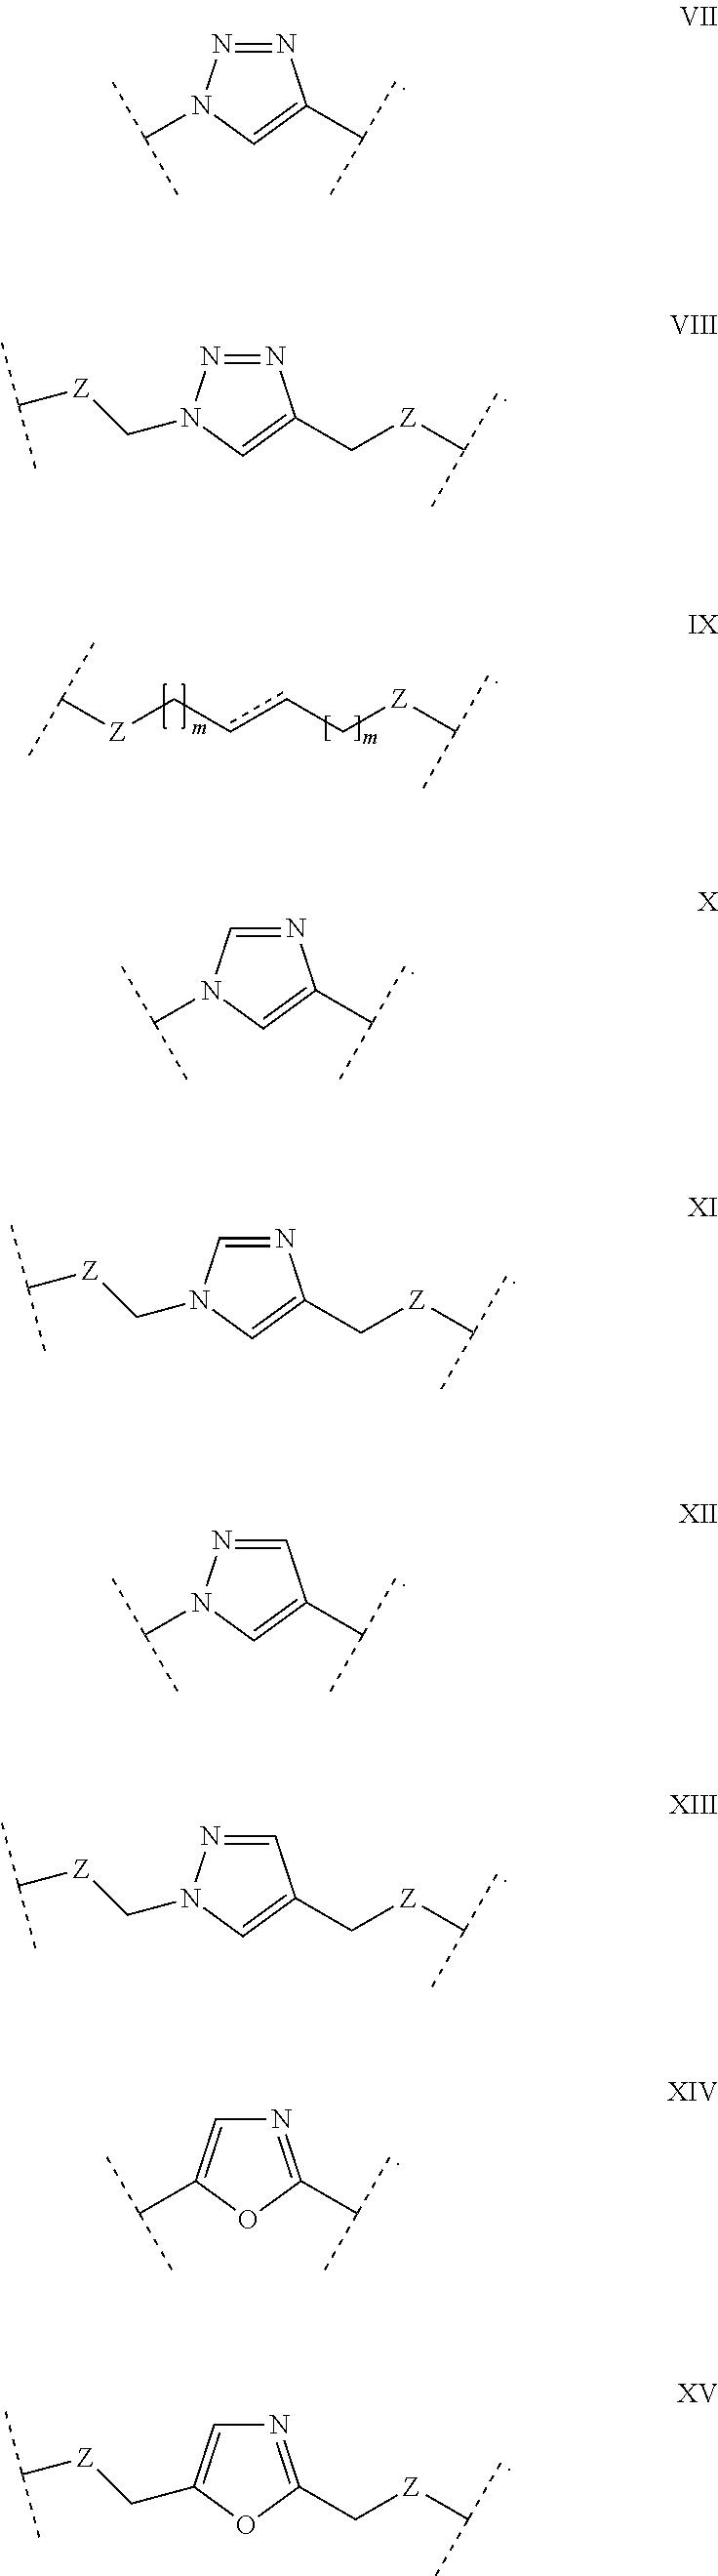 Figure US09644004-20170509-C00009